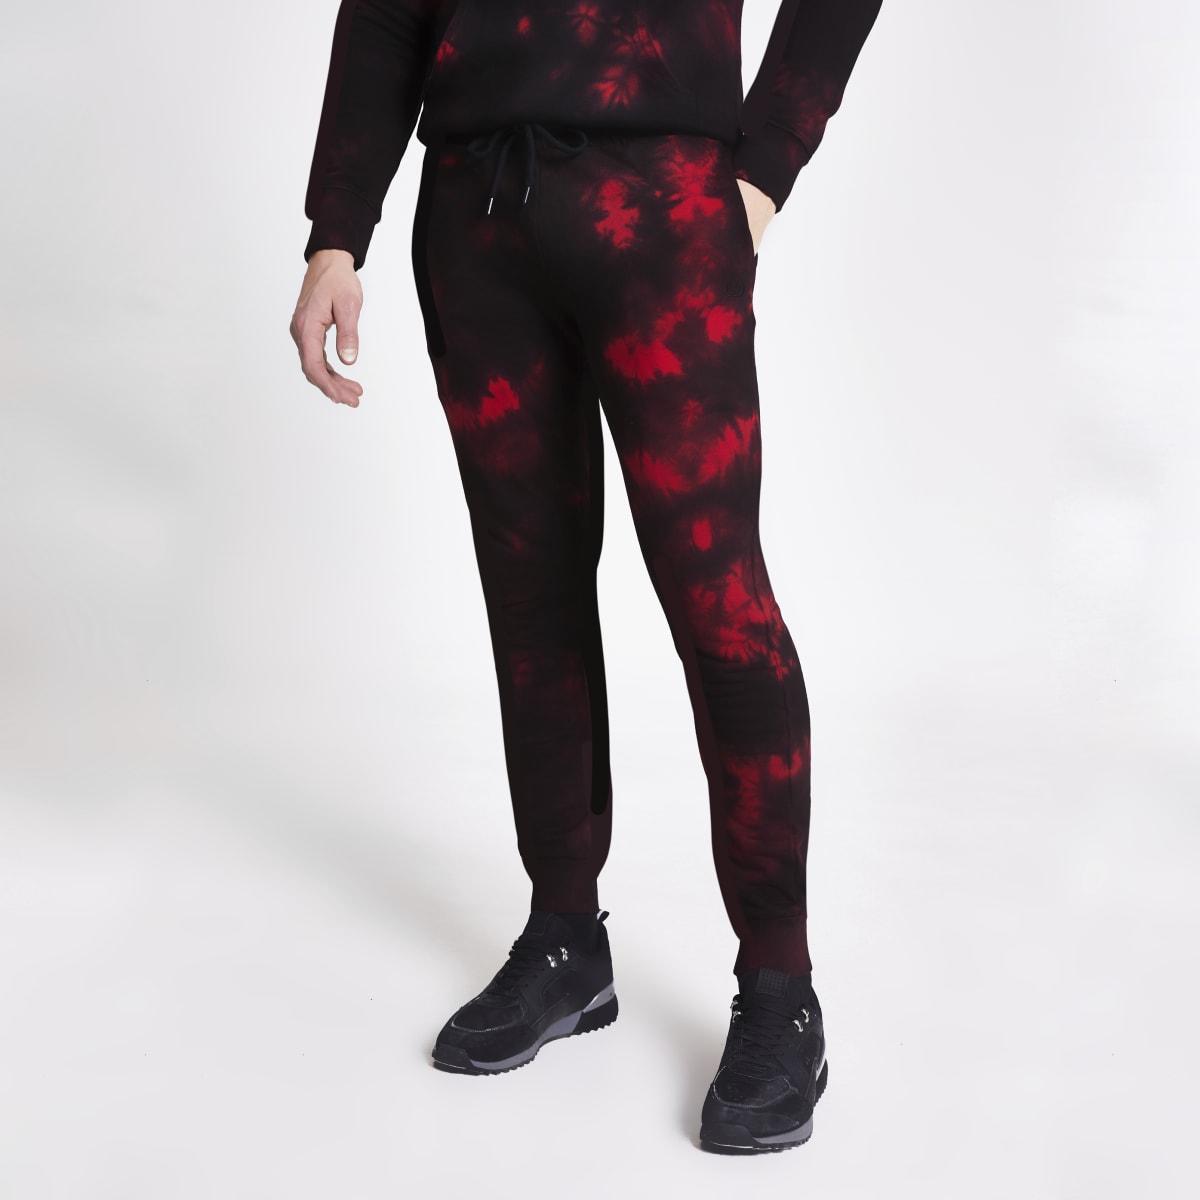 CriminalDamage – Pantalons de jogging noir tieand dye